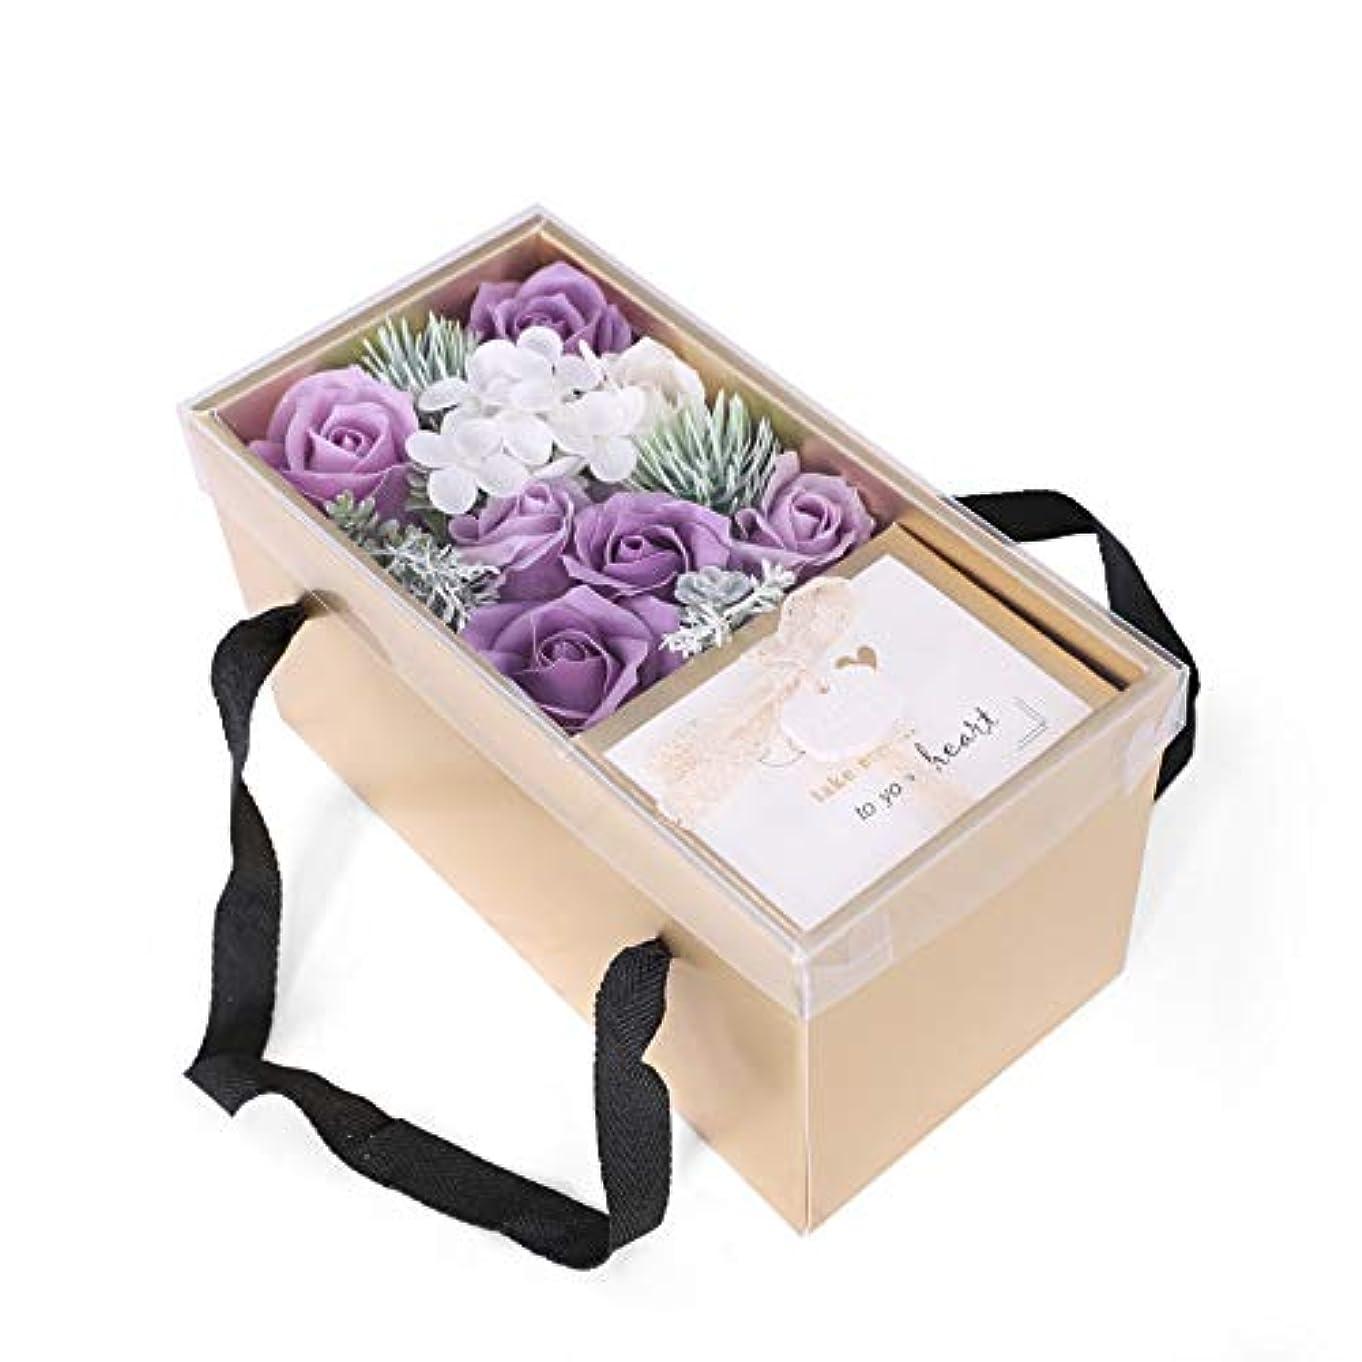 しなければならない暖炉団結する生地と花石鹸の花 バスソープフラワーローズフラワーバレンタインデーのために必須ガールフレンド記念日誕生日母の日ポータブルギフトボックス (色 : 紫の)